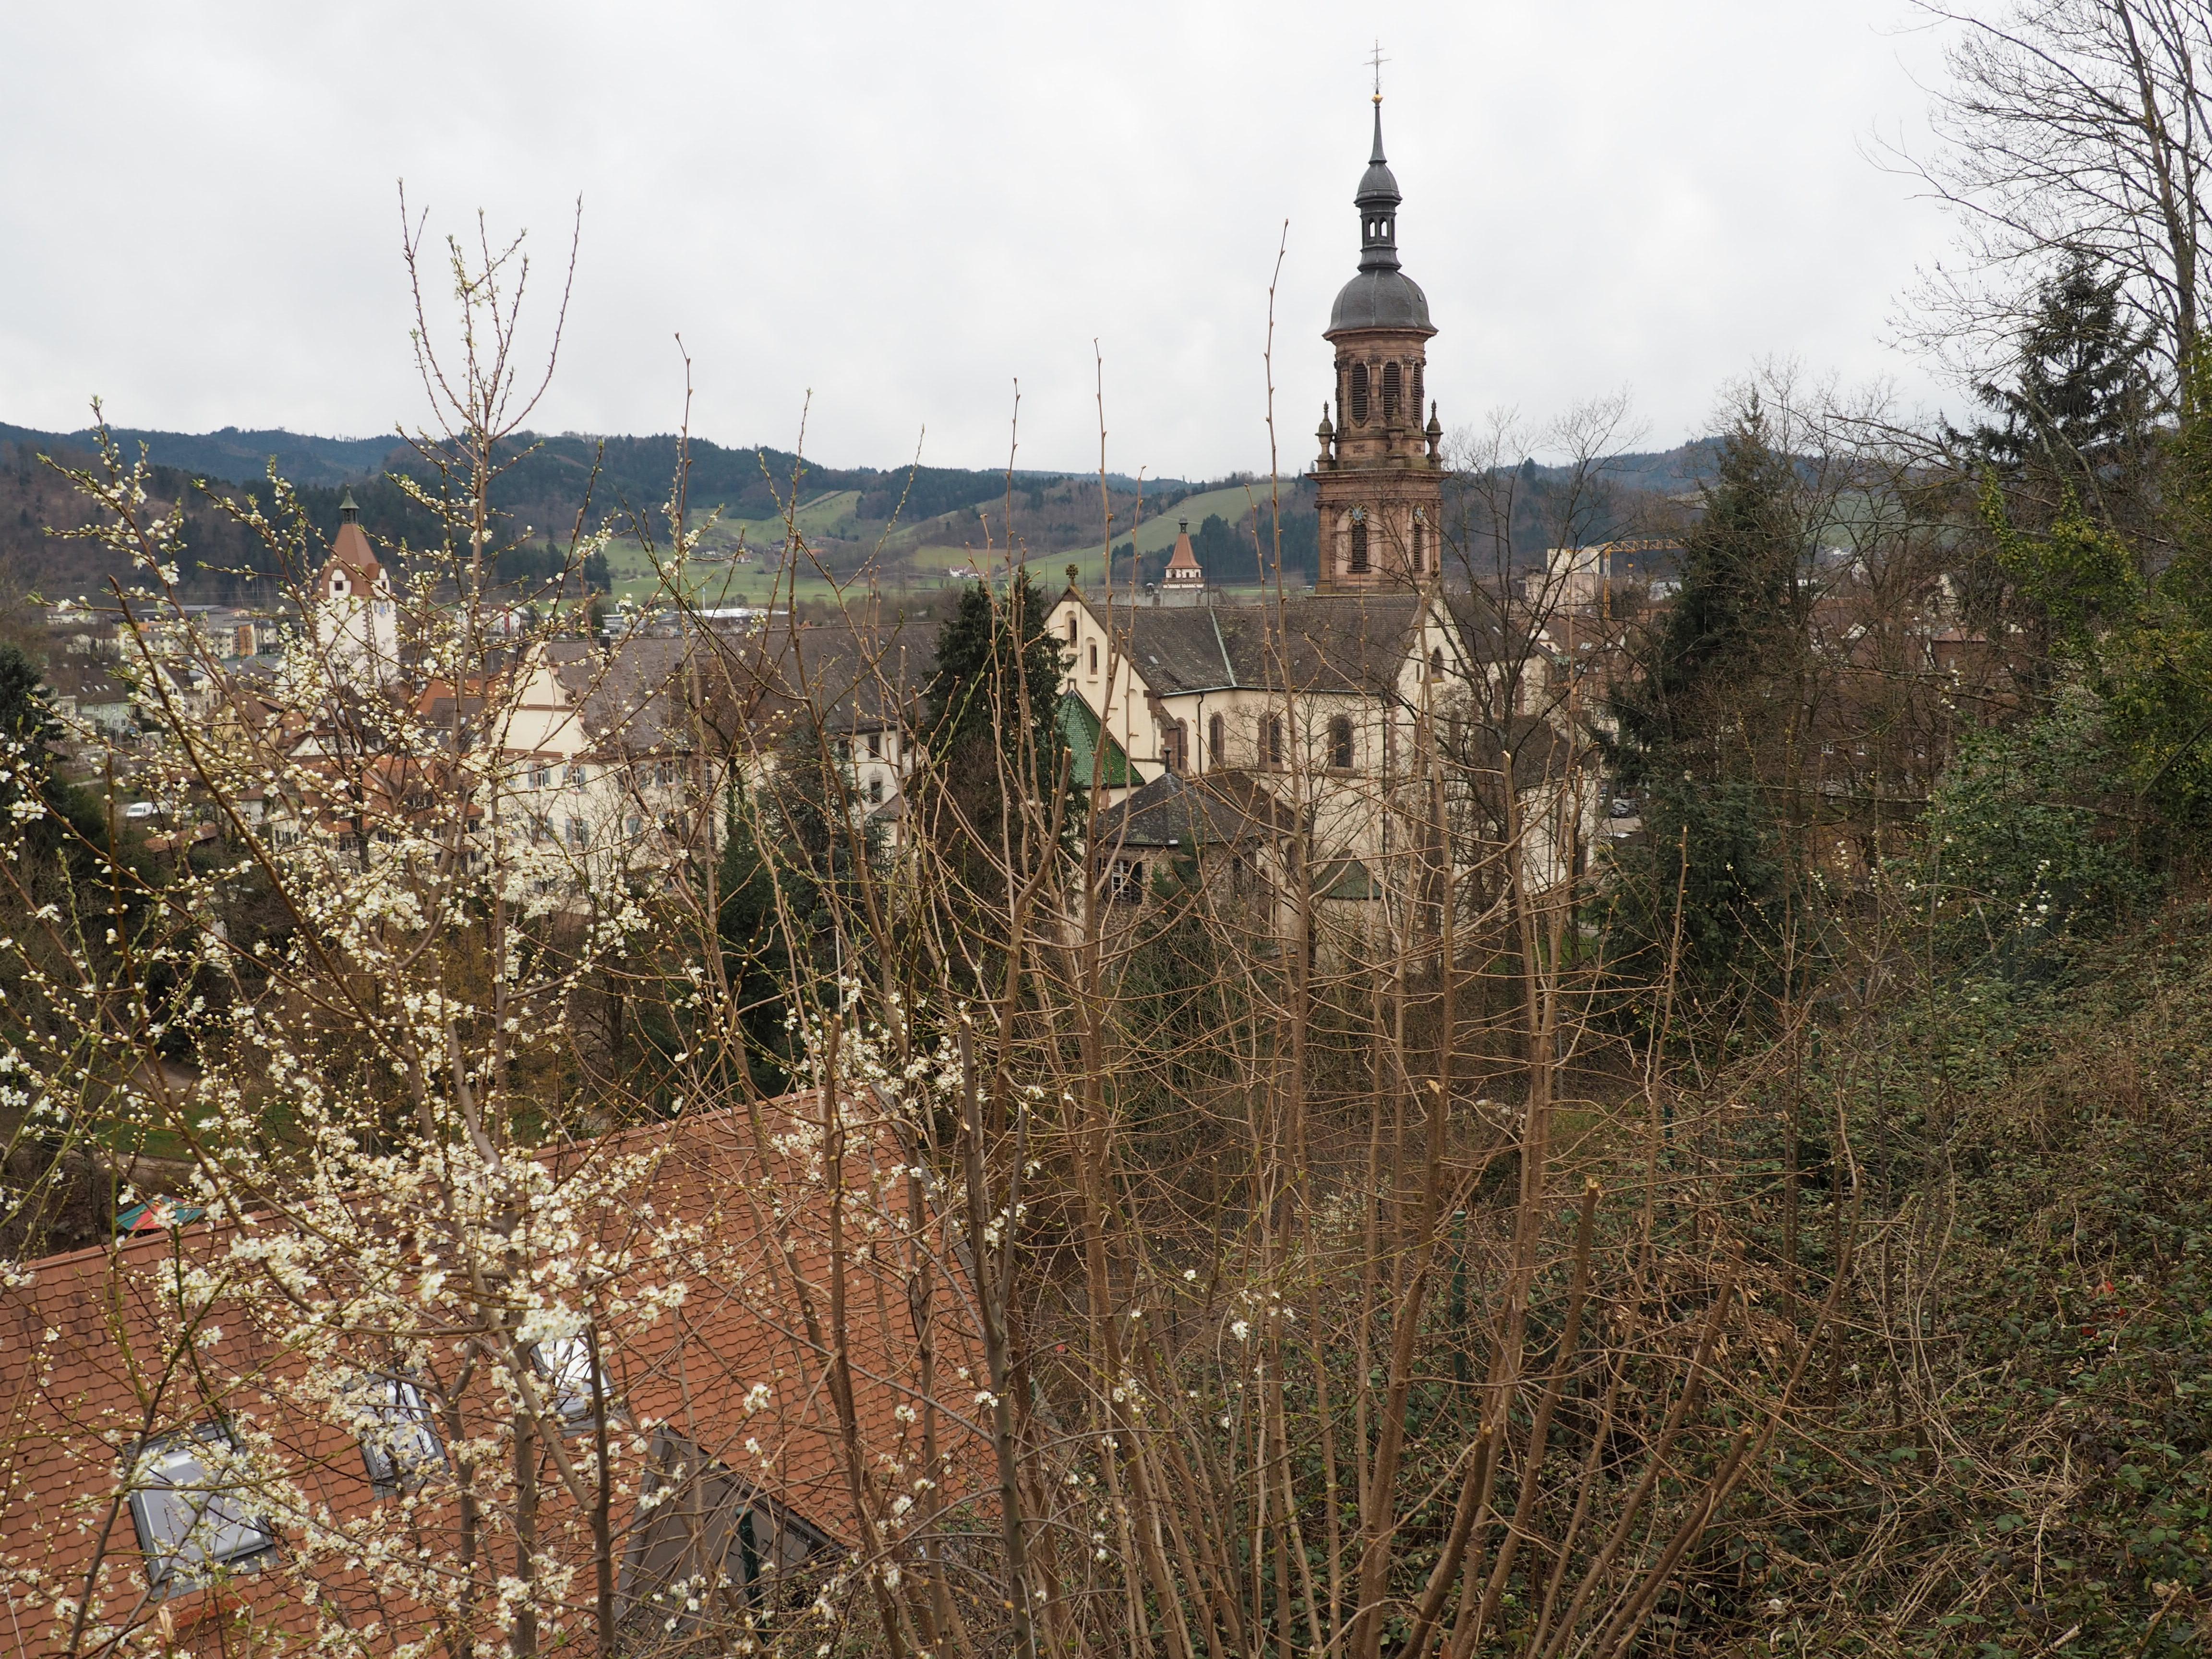 Auf dem Tälerpfad über den Dächern von Gengenbach